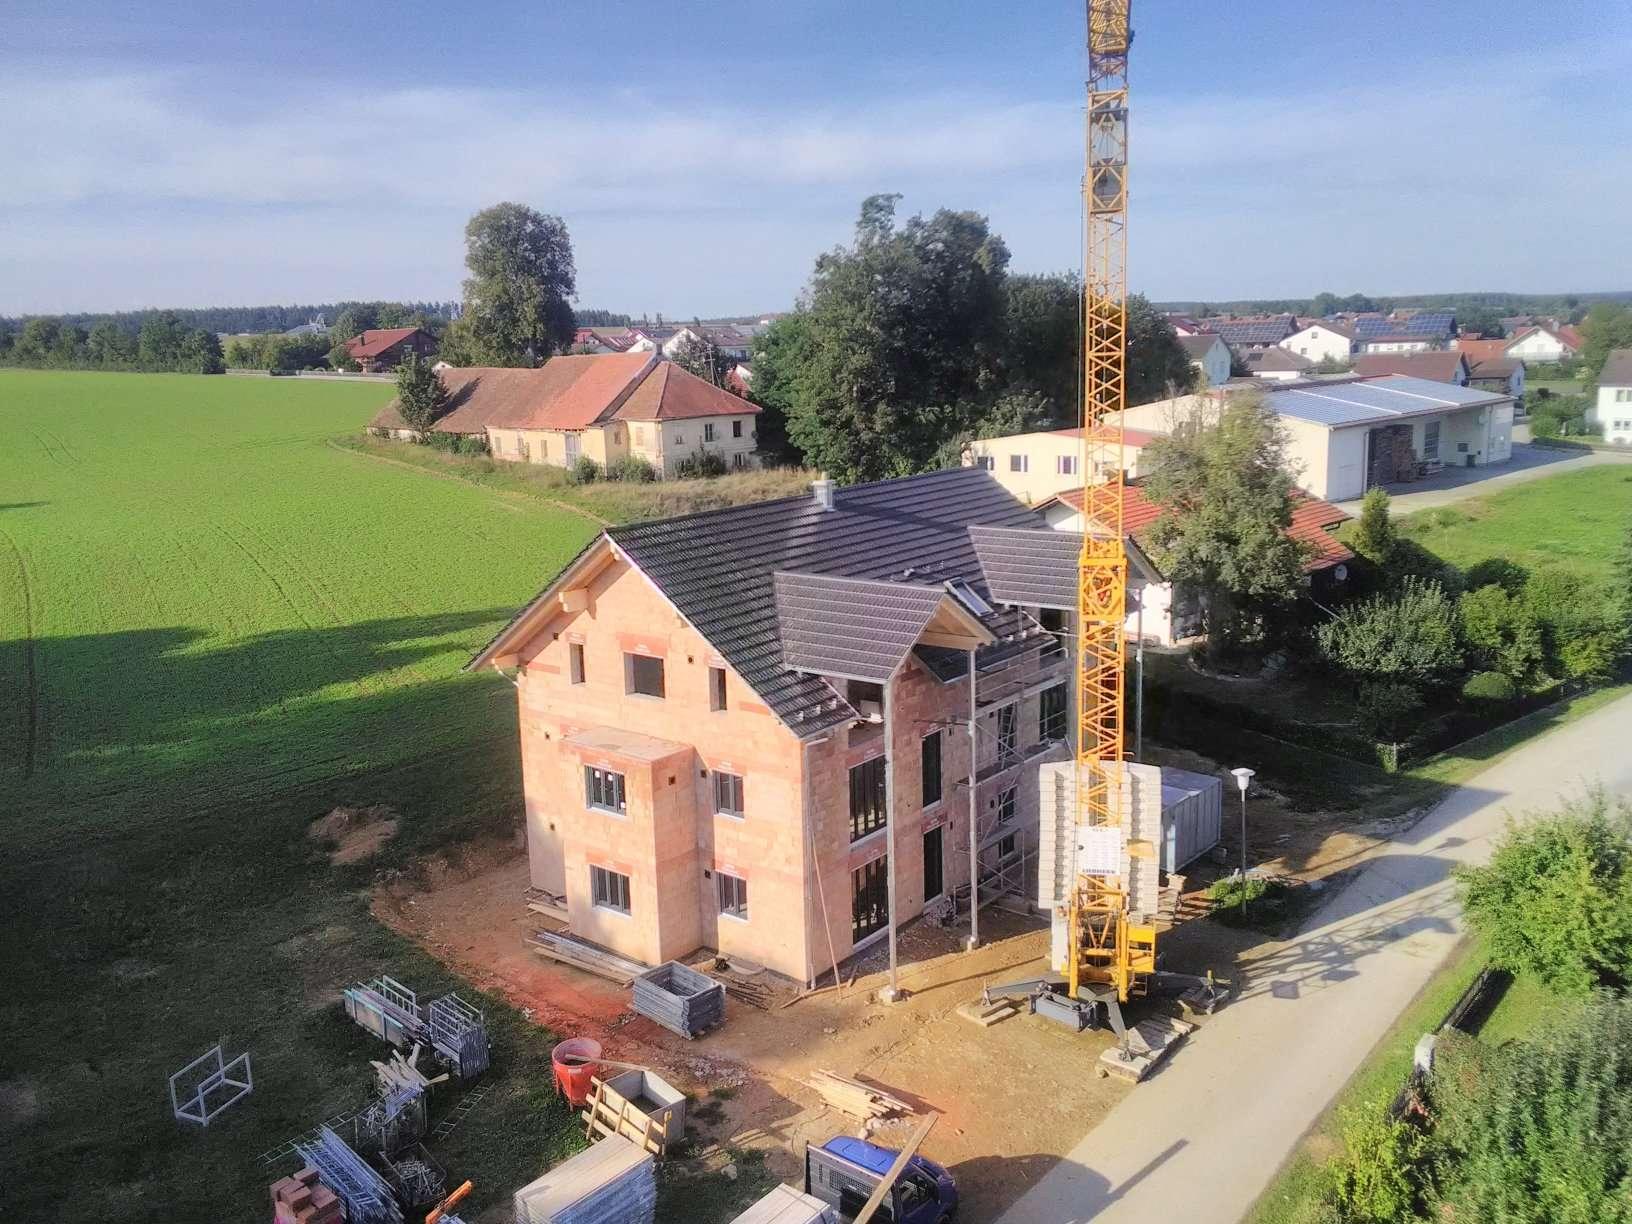 AHAM - Neubau 2 Zi. DG Wohnung mit Stellplatz+Carport, moderne Holzfliesen, Abstellraum u. v. m. in